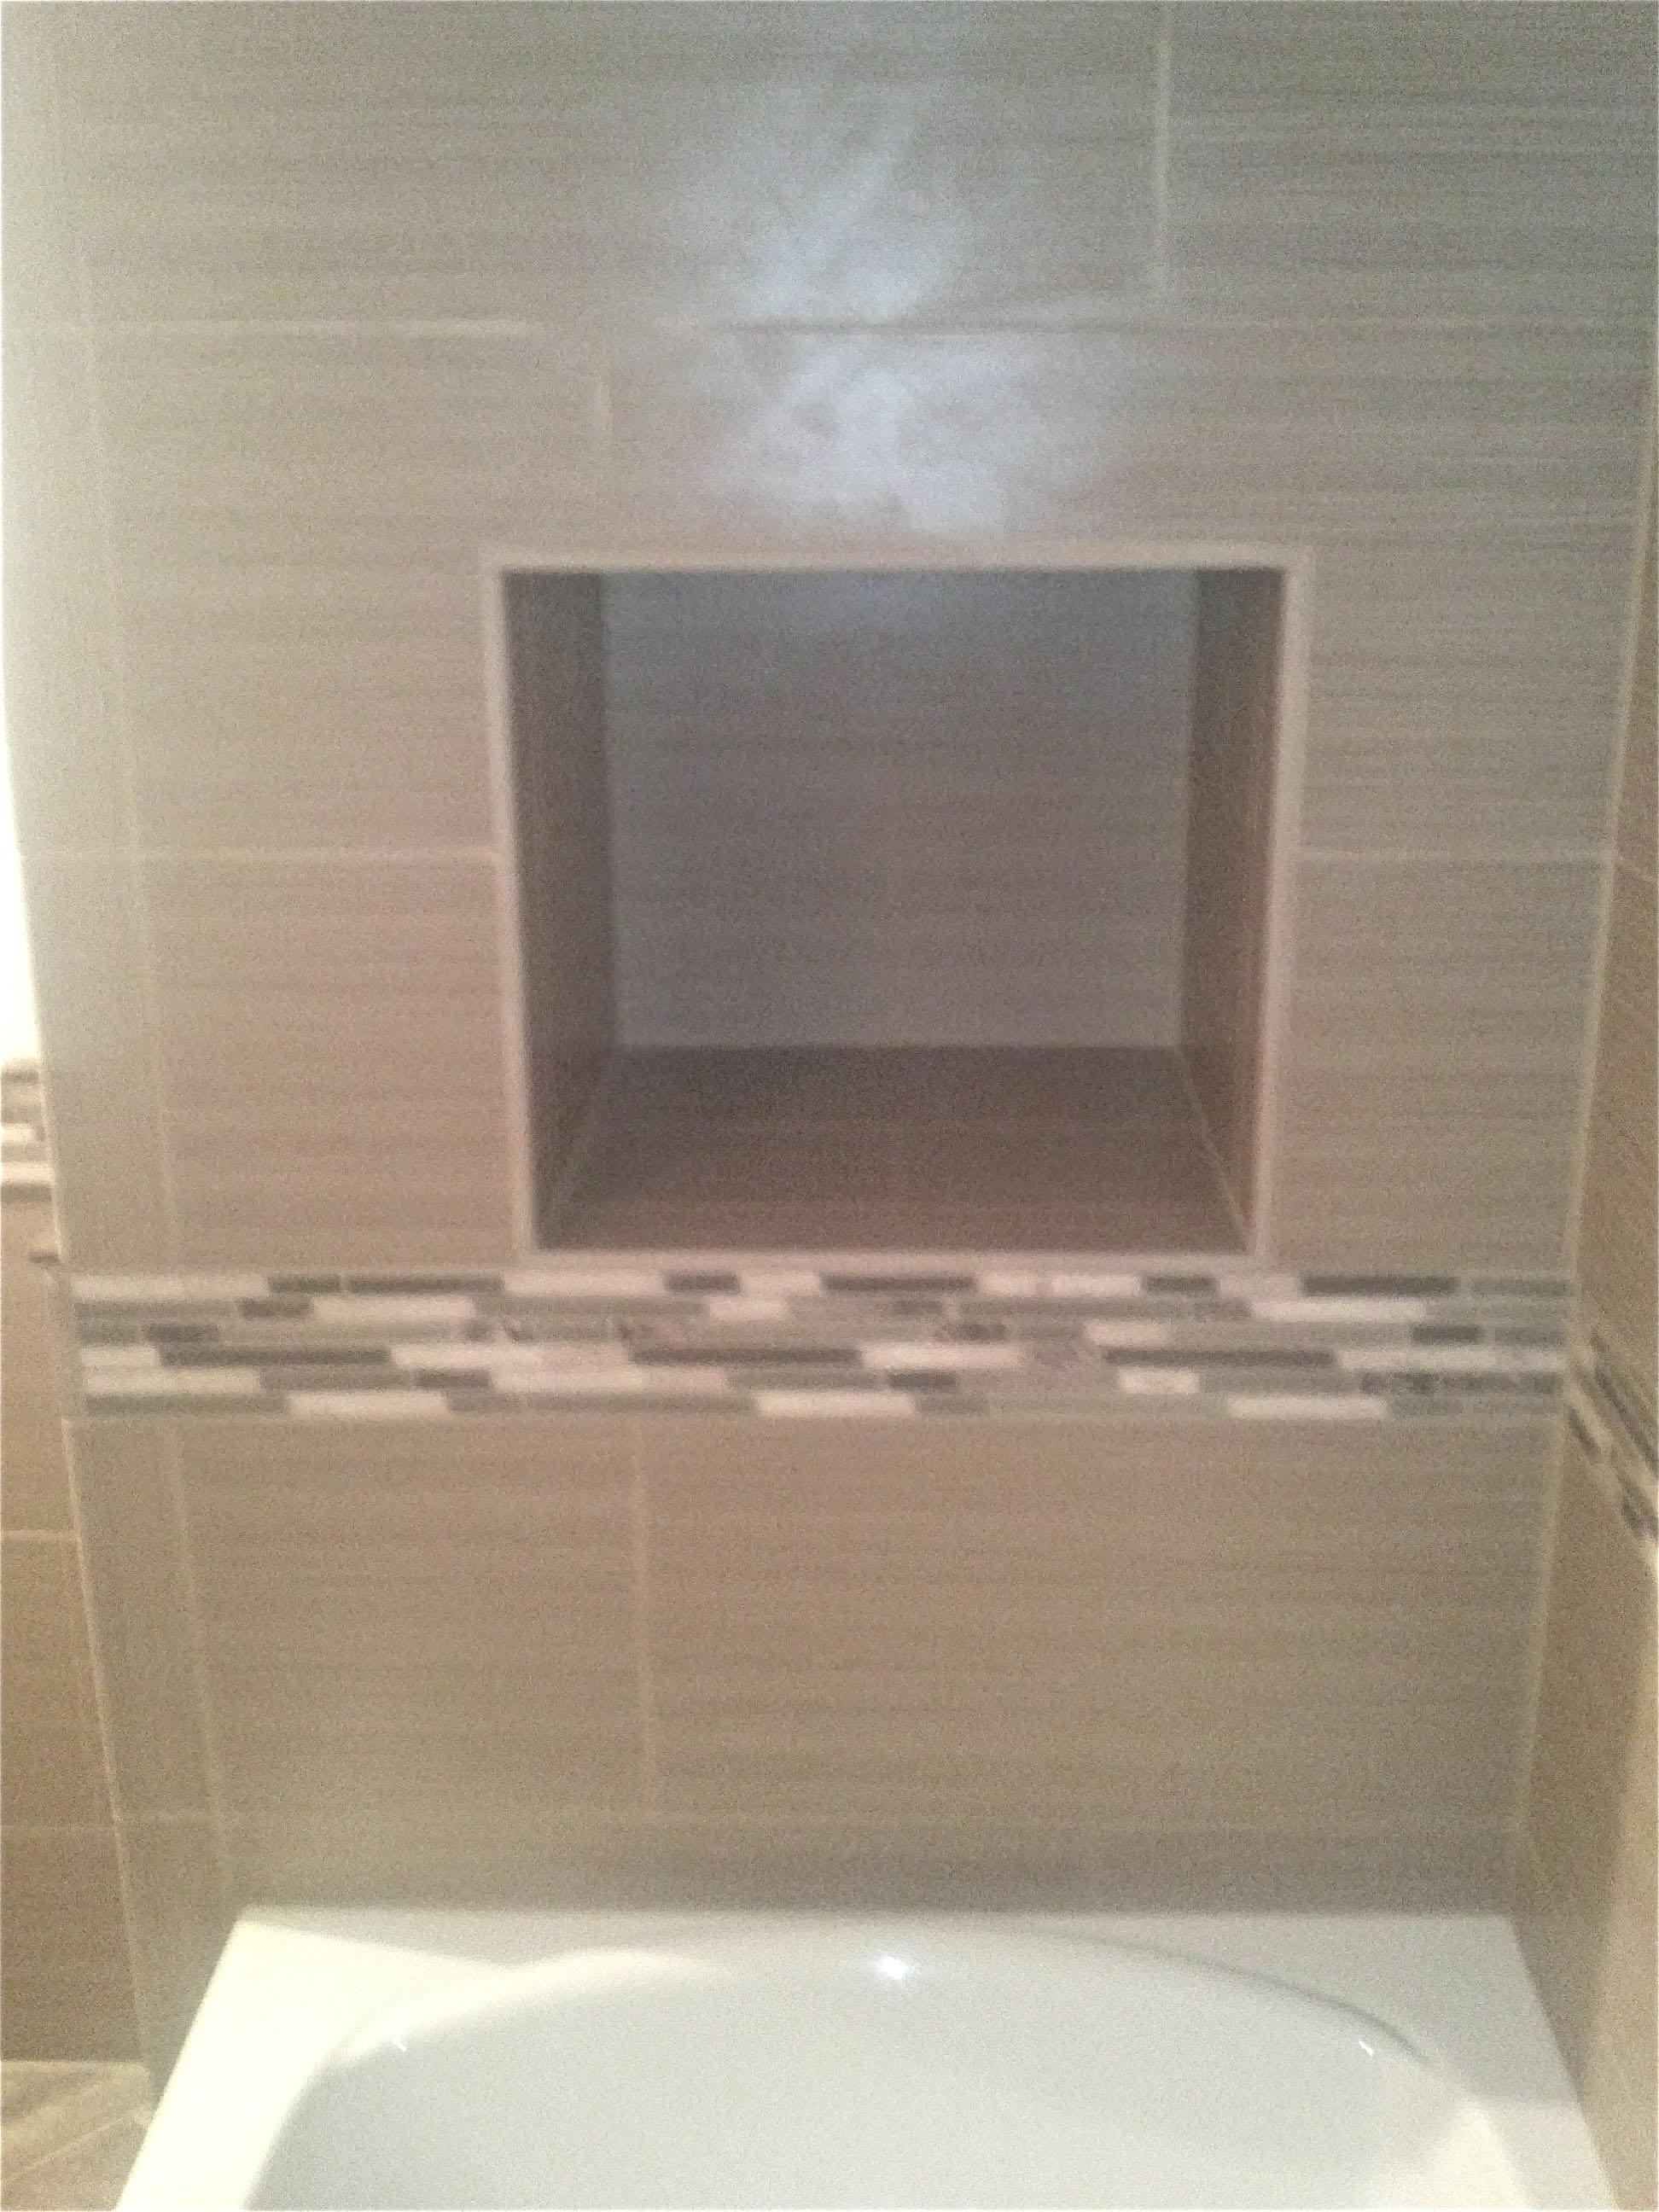 shower095.jpg